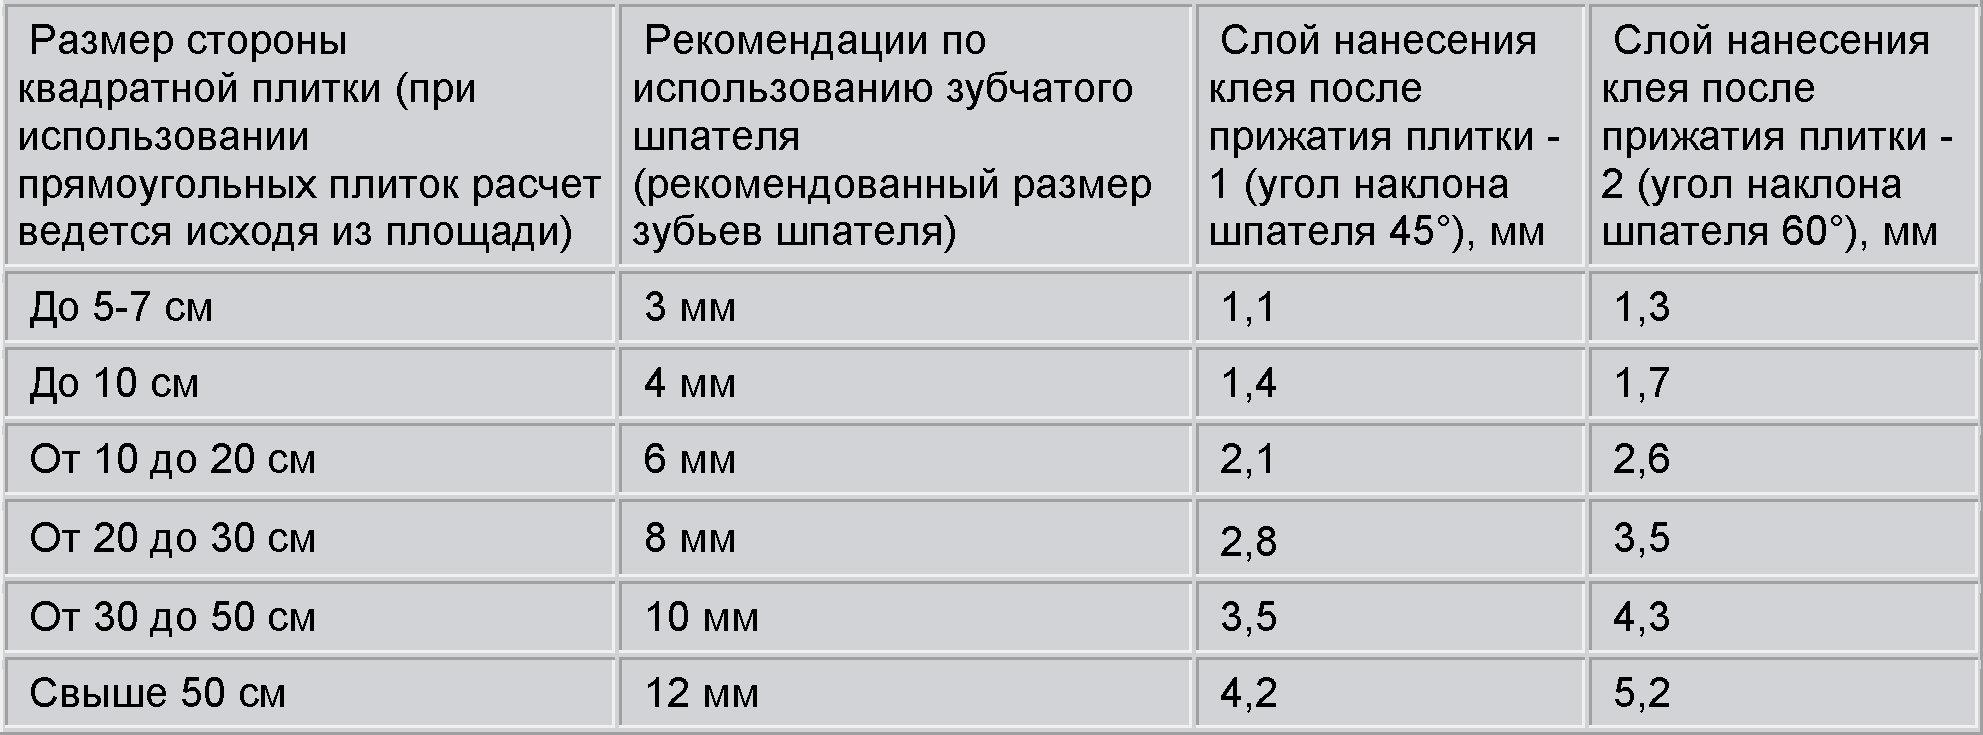 Расход плиточного клея по некоторым параметрам